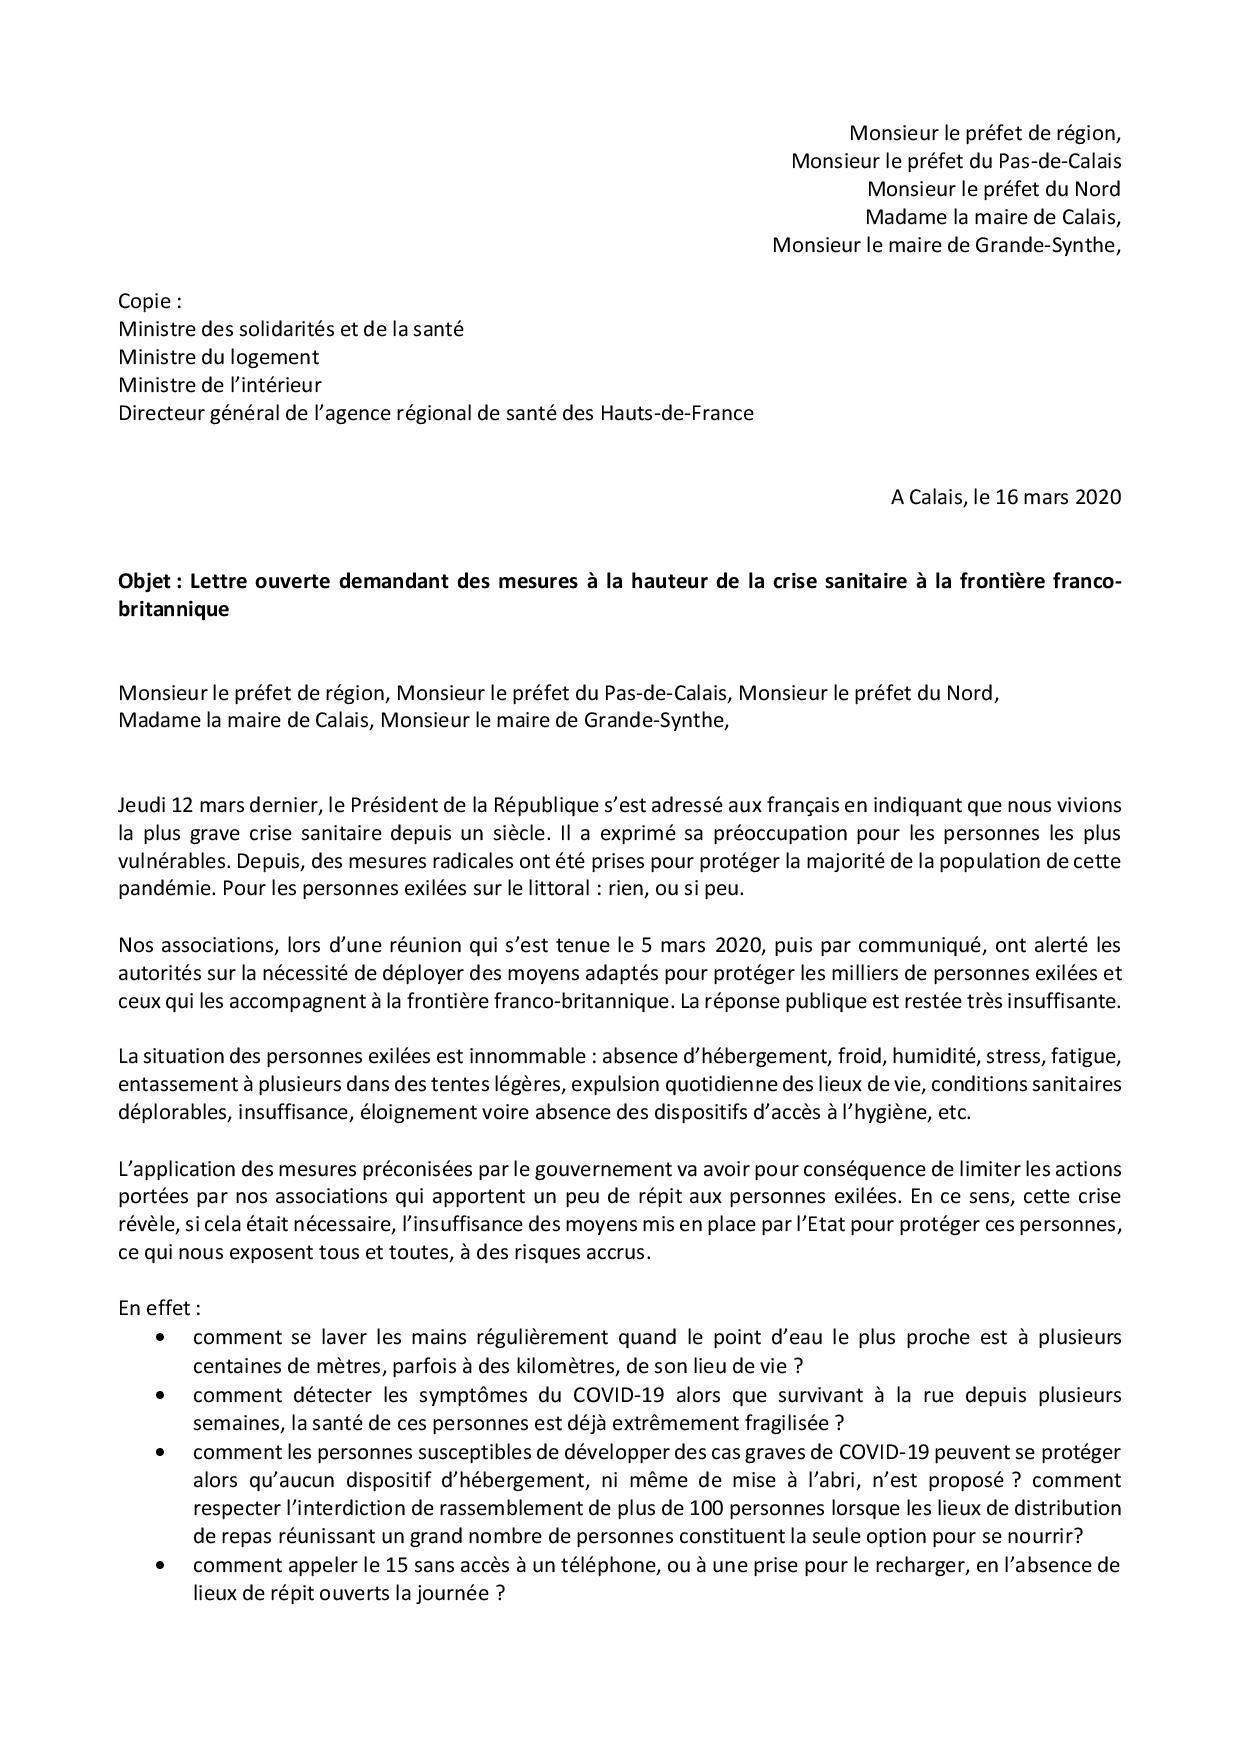 16 03 2020 Lettre Ouverte Crise Sanitaire Quelles Mesures A La Frontiere Franco Britannique